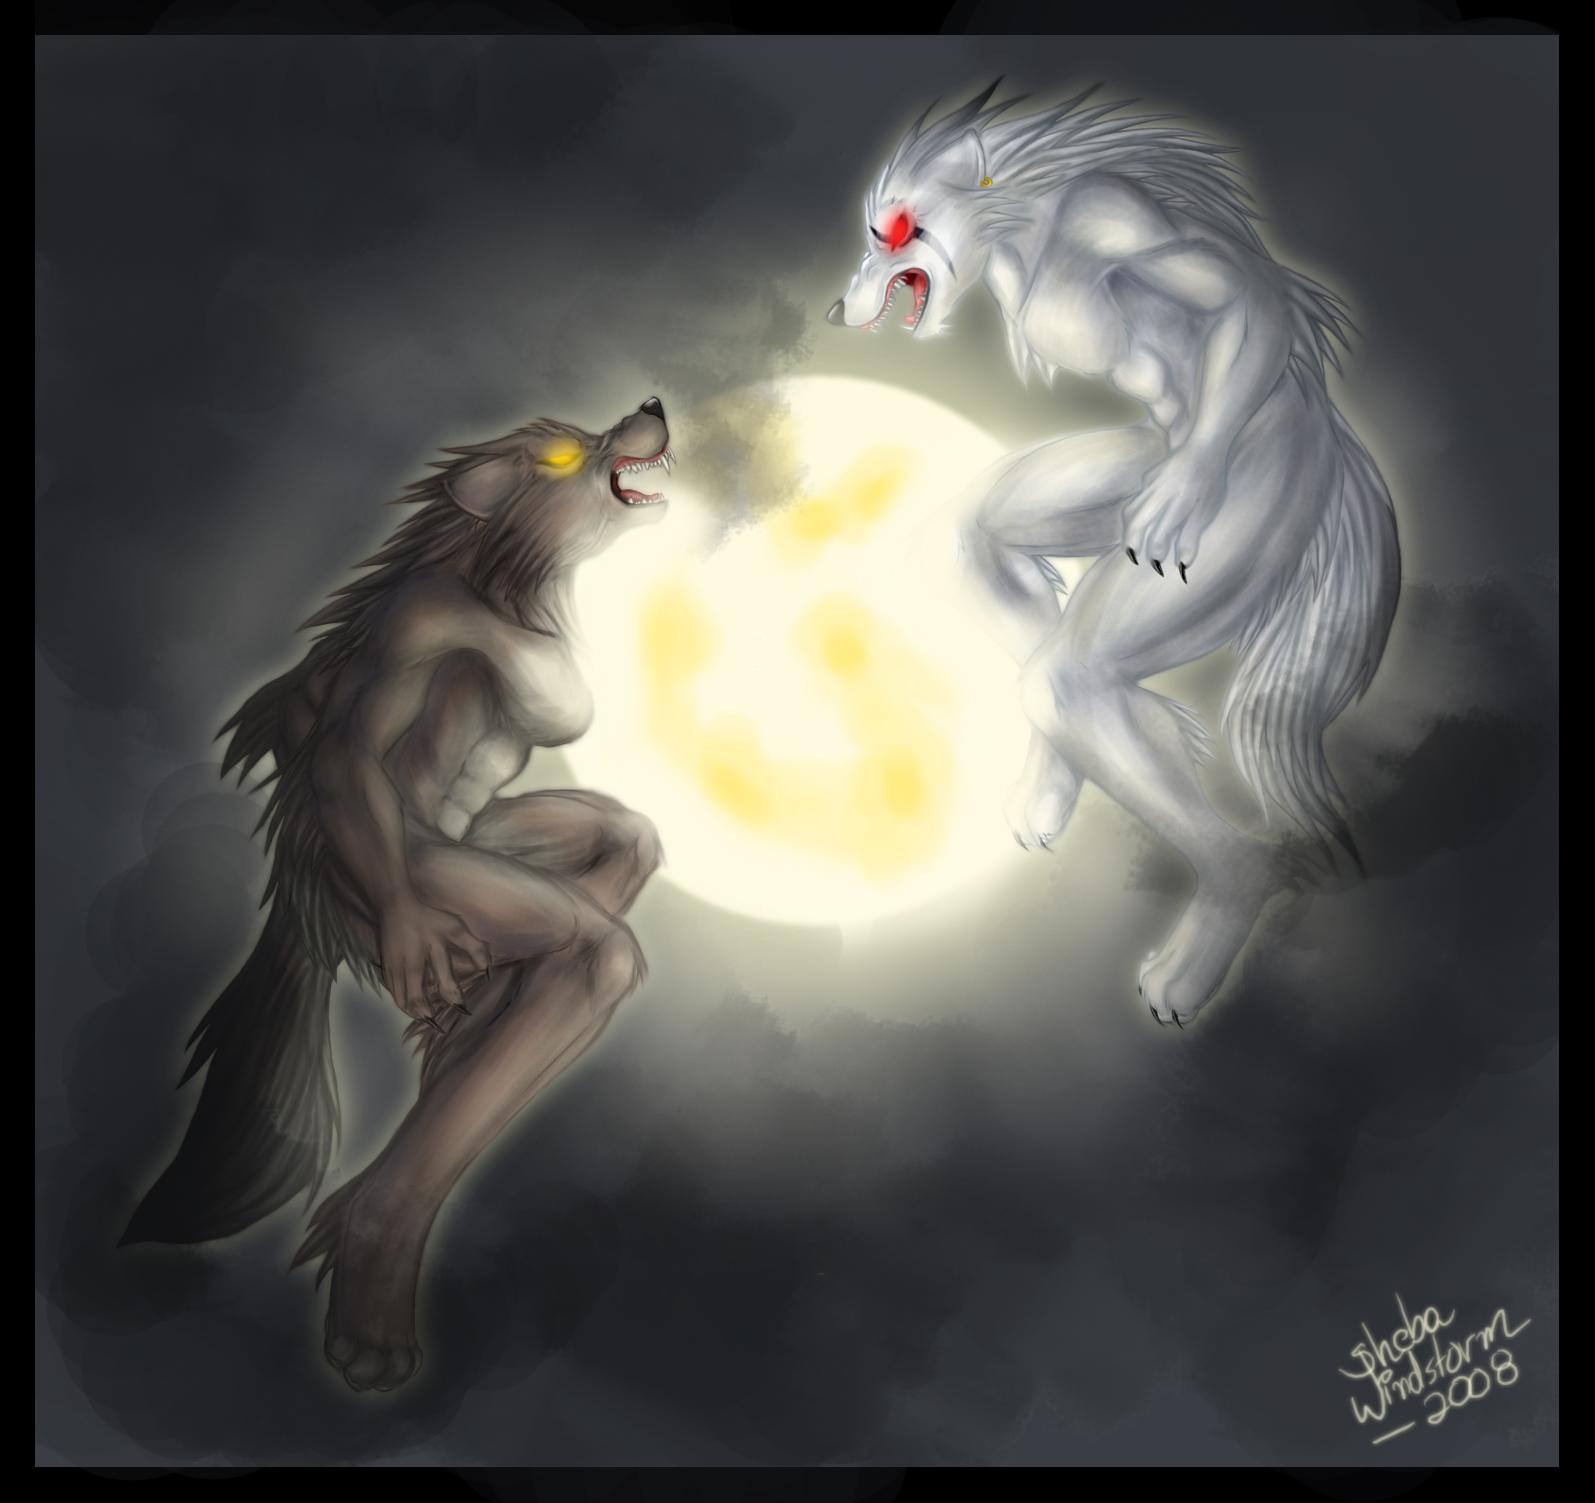 Imagenes De Hombres Lobos Con Frases UKIndex